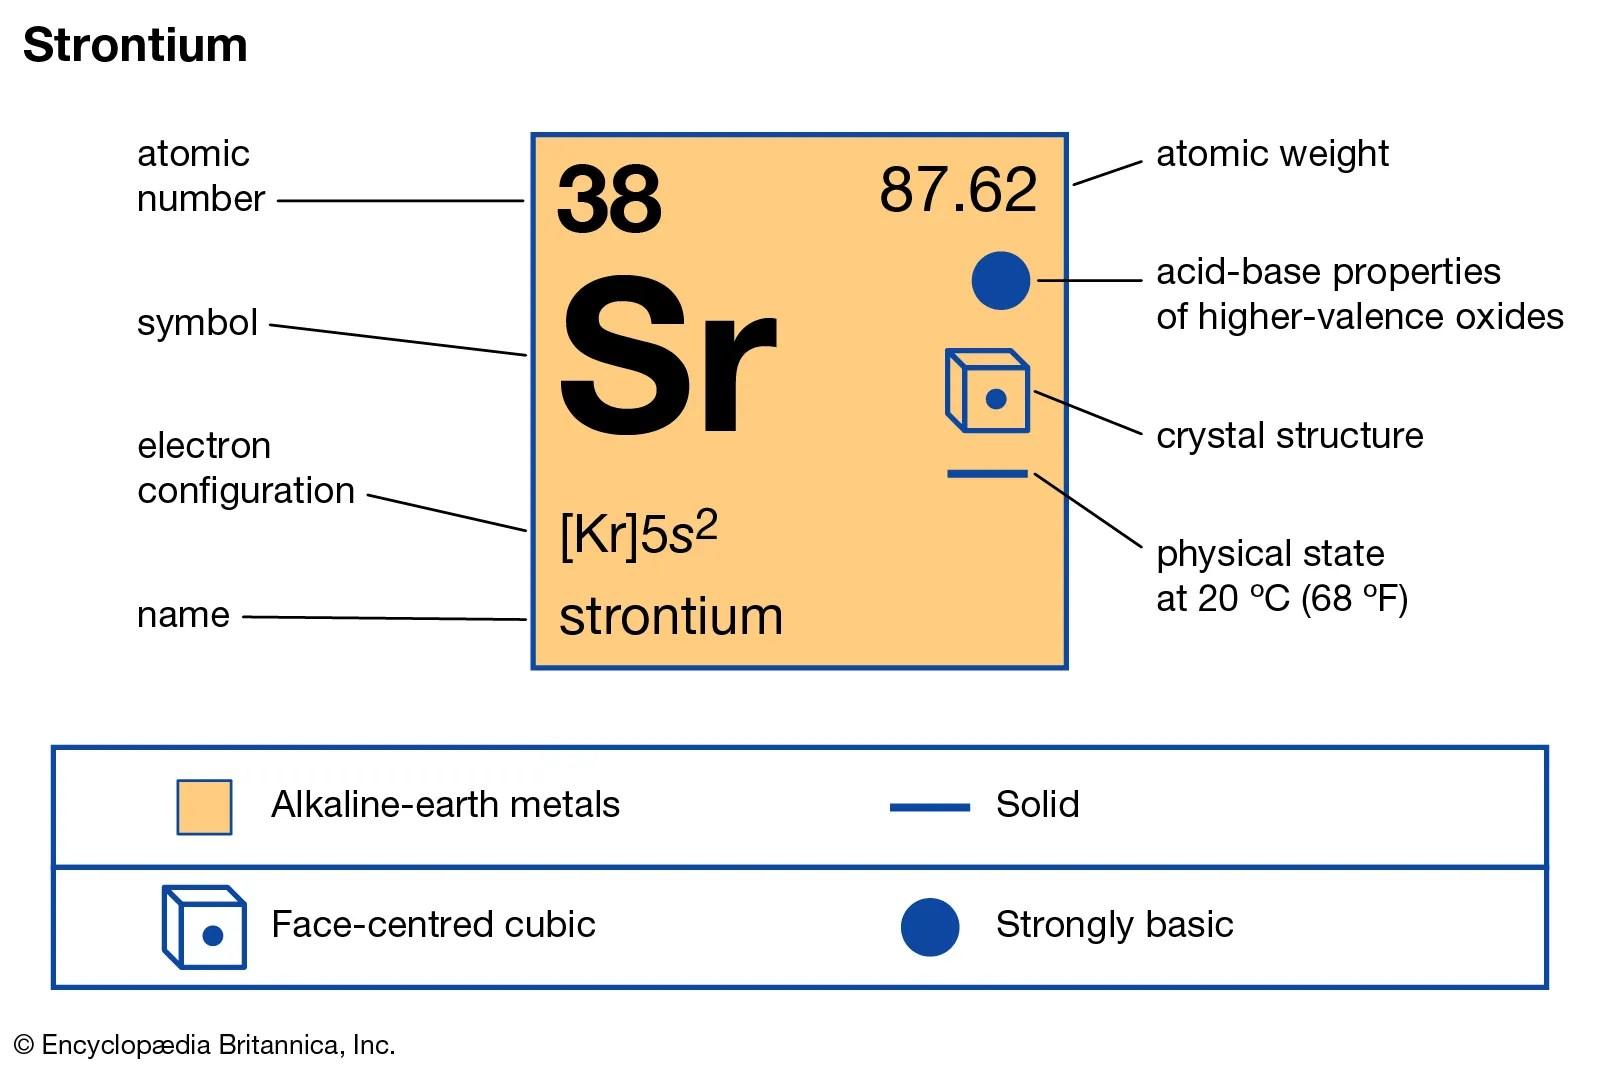 Strontium